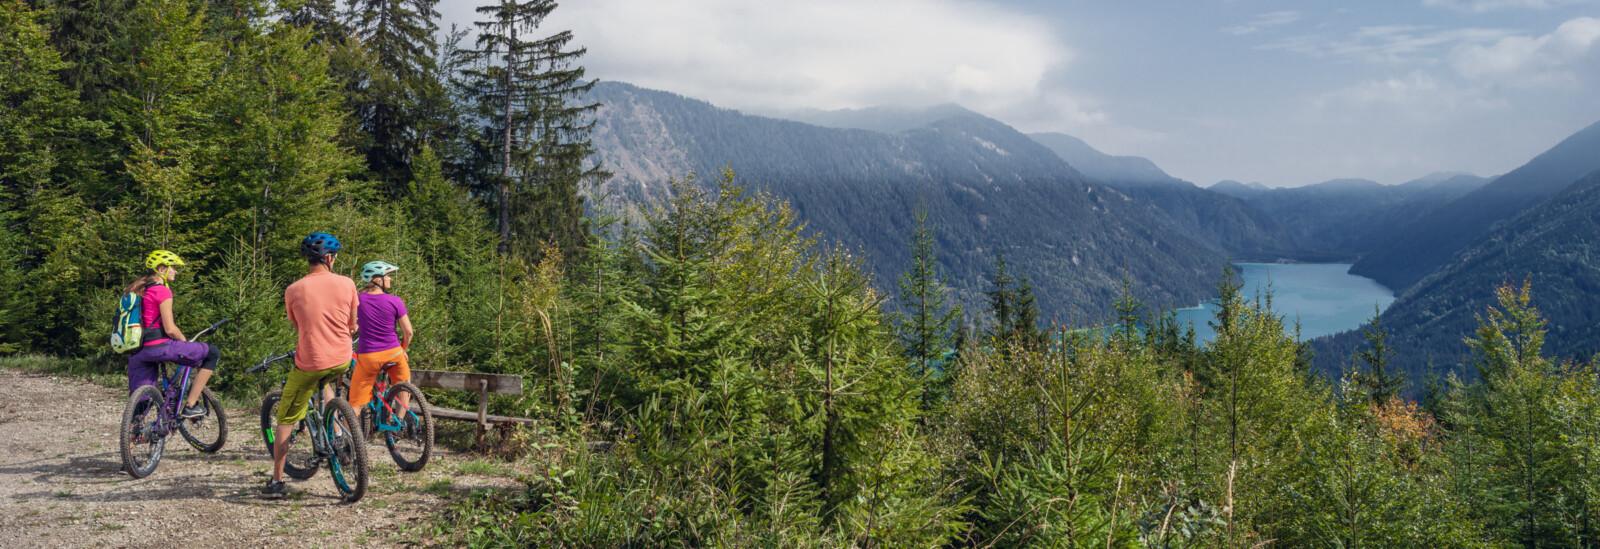 Rast vom Mountainbiken mit Blick auf den Weissensee